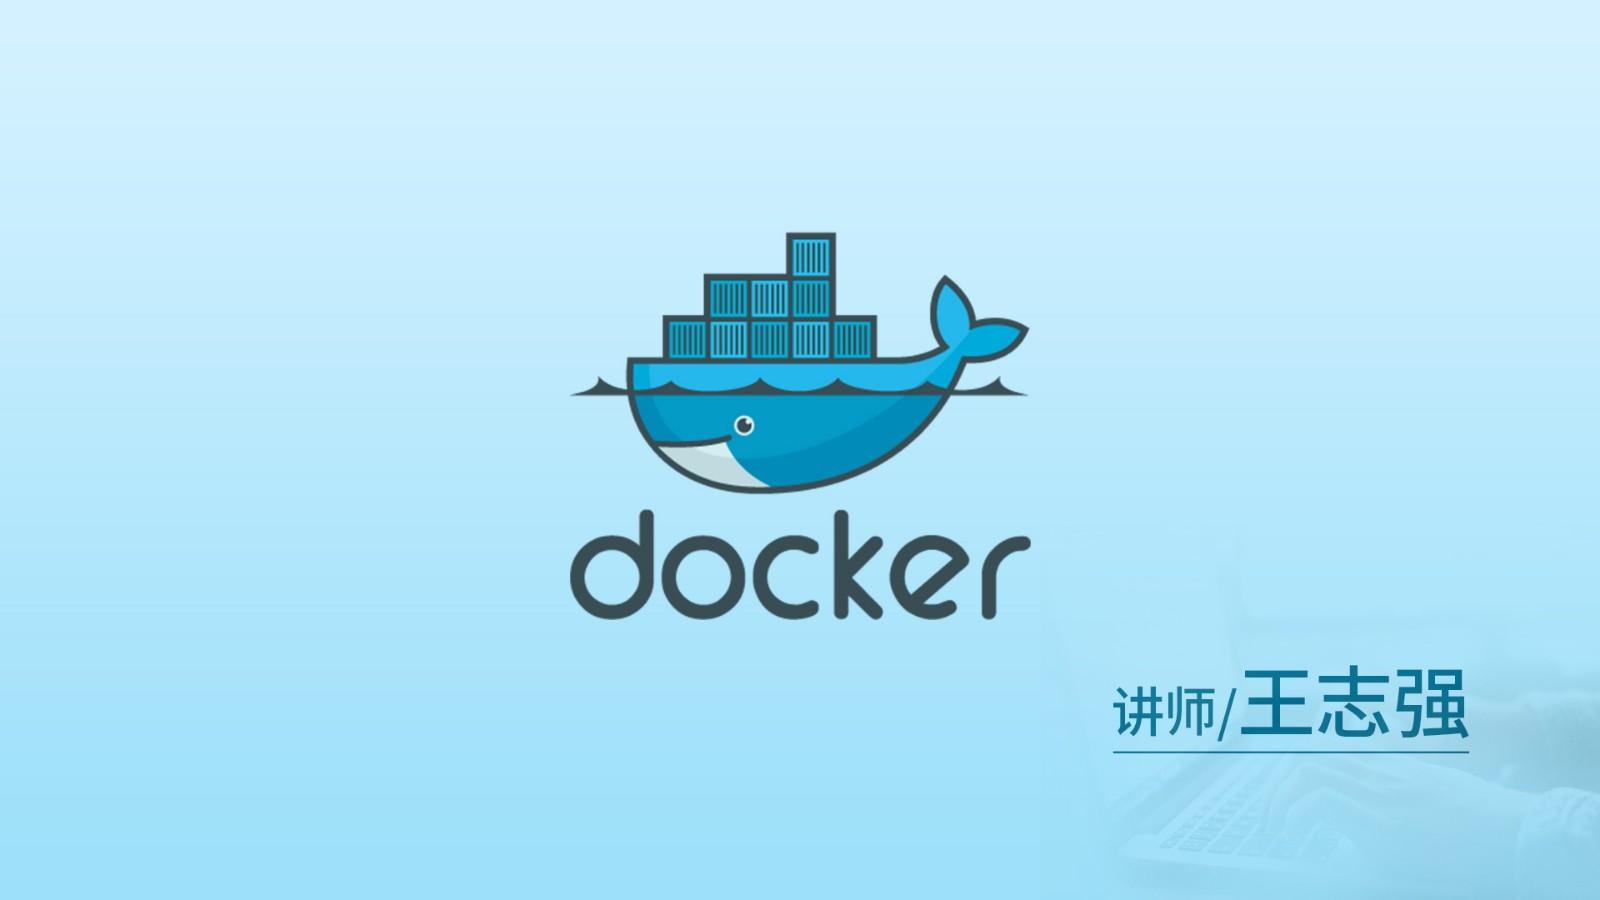 使用Docker快速部署微服务